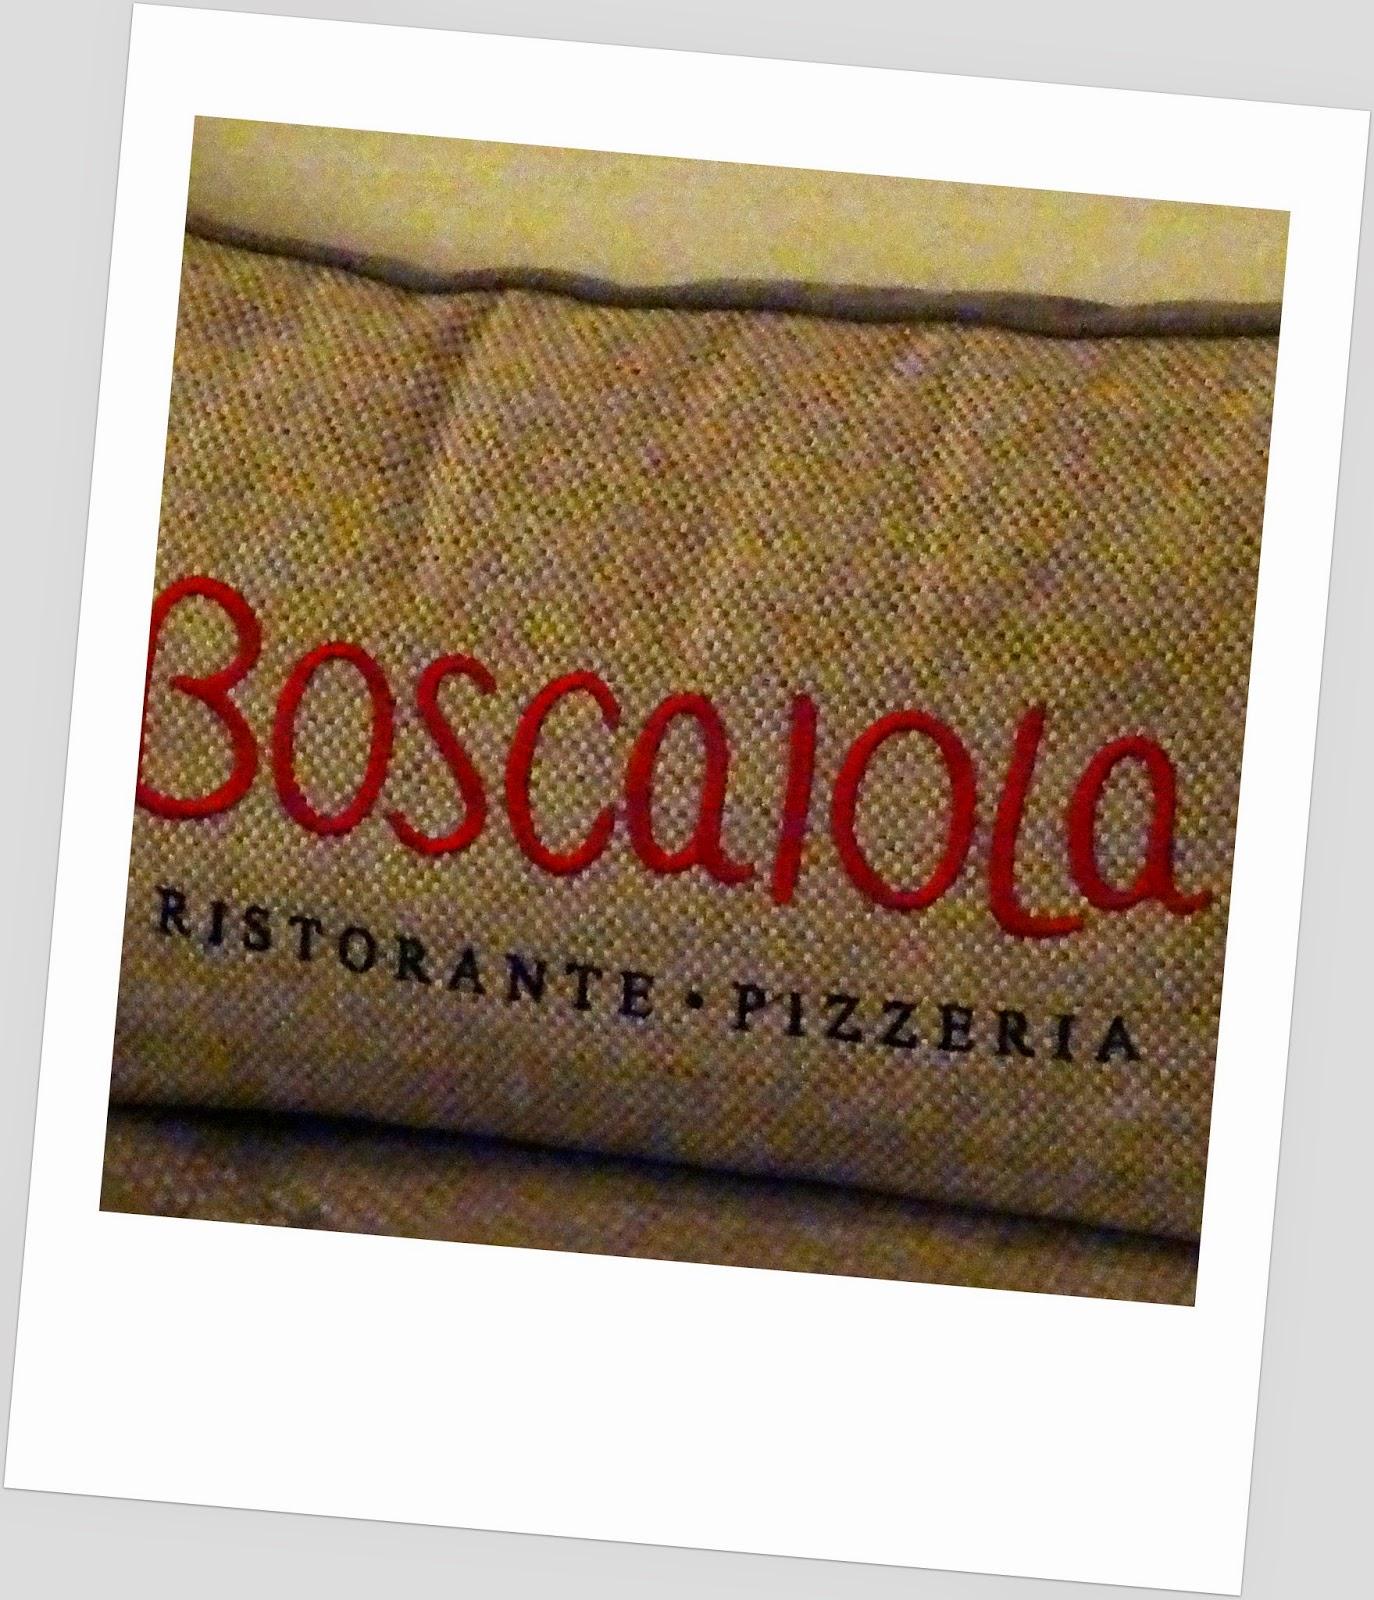 Boscaiola, restauracja włoska,ul. Szewska Kraków